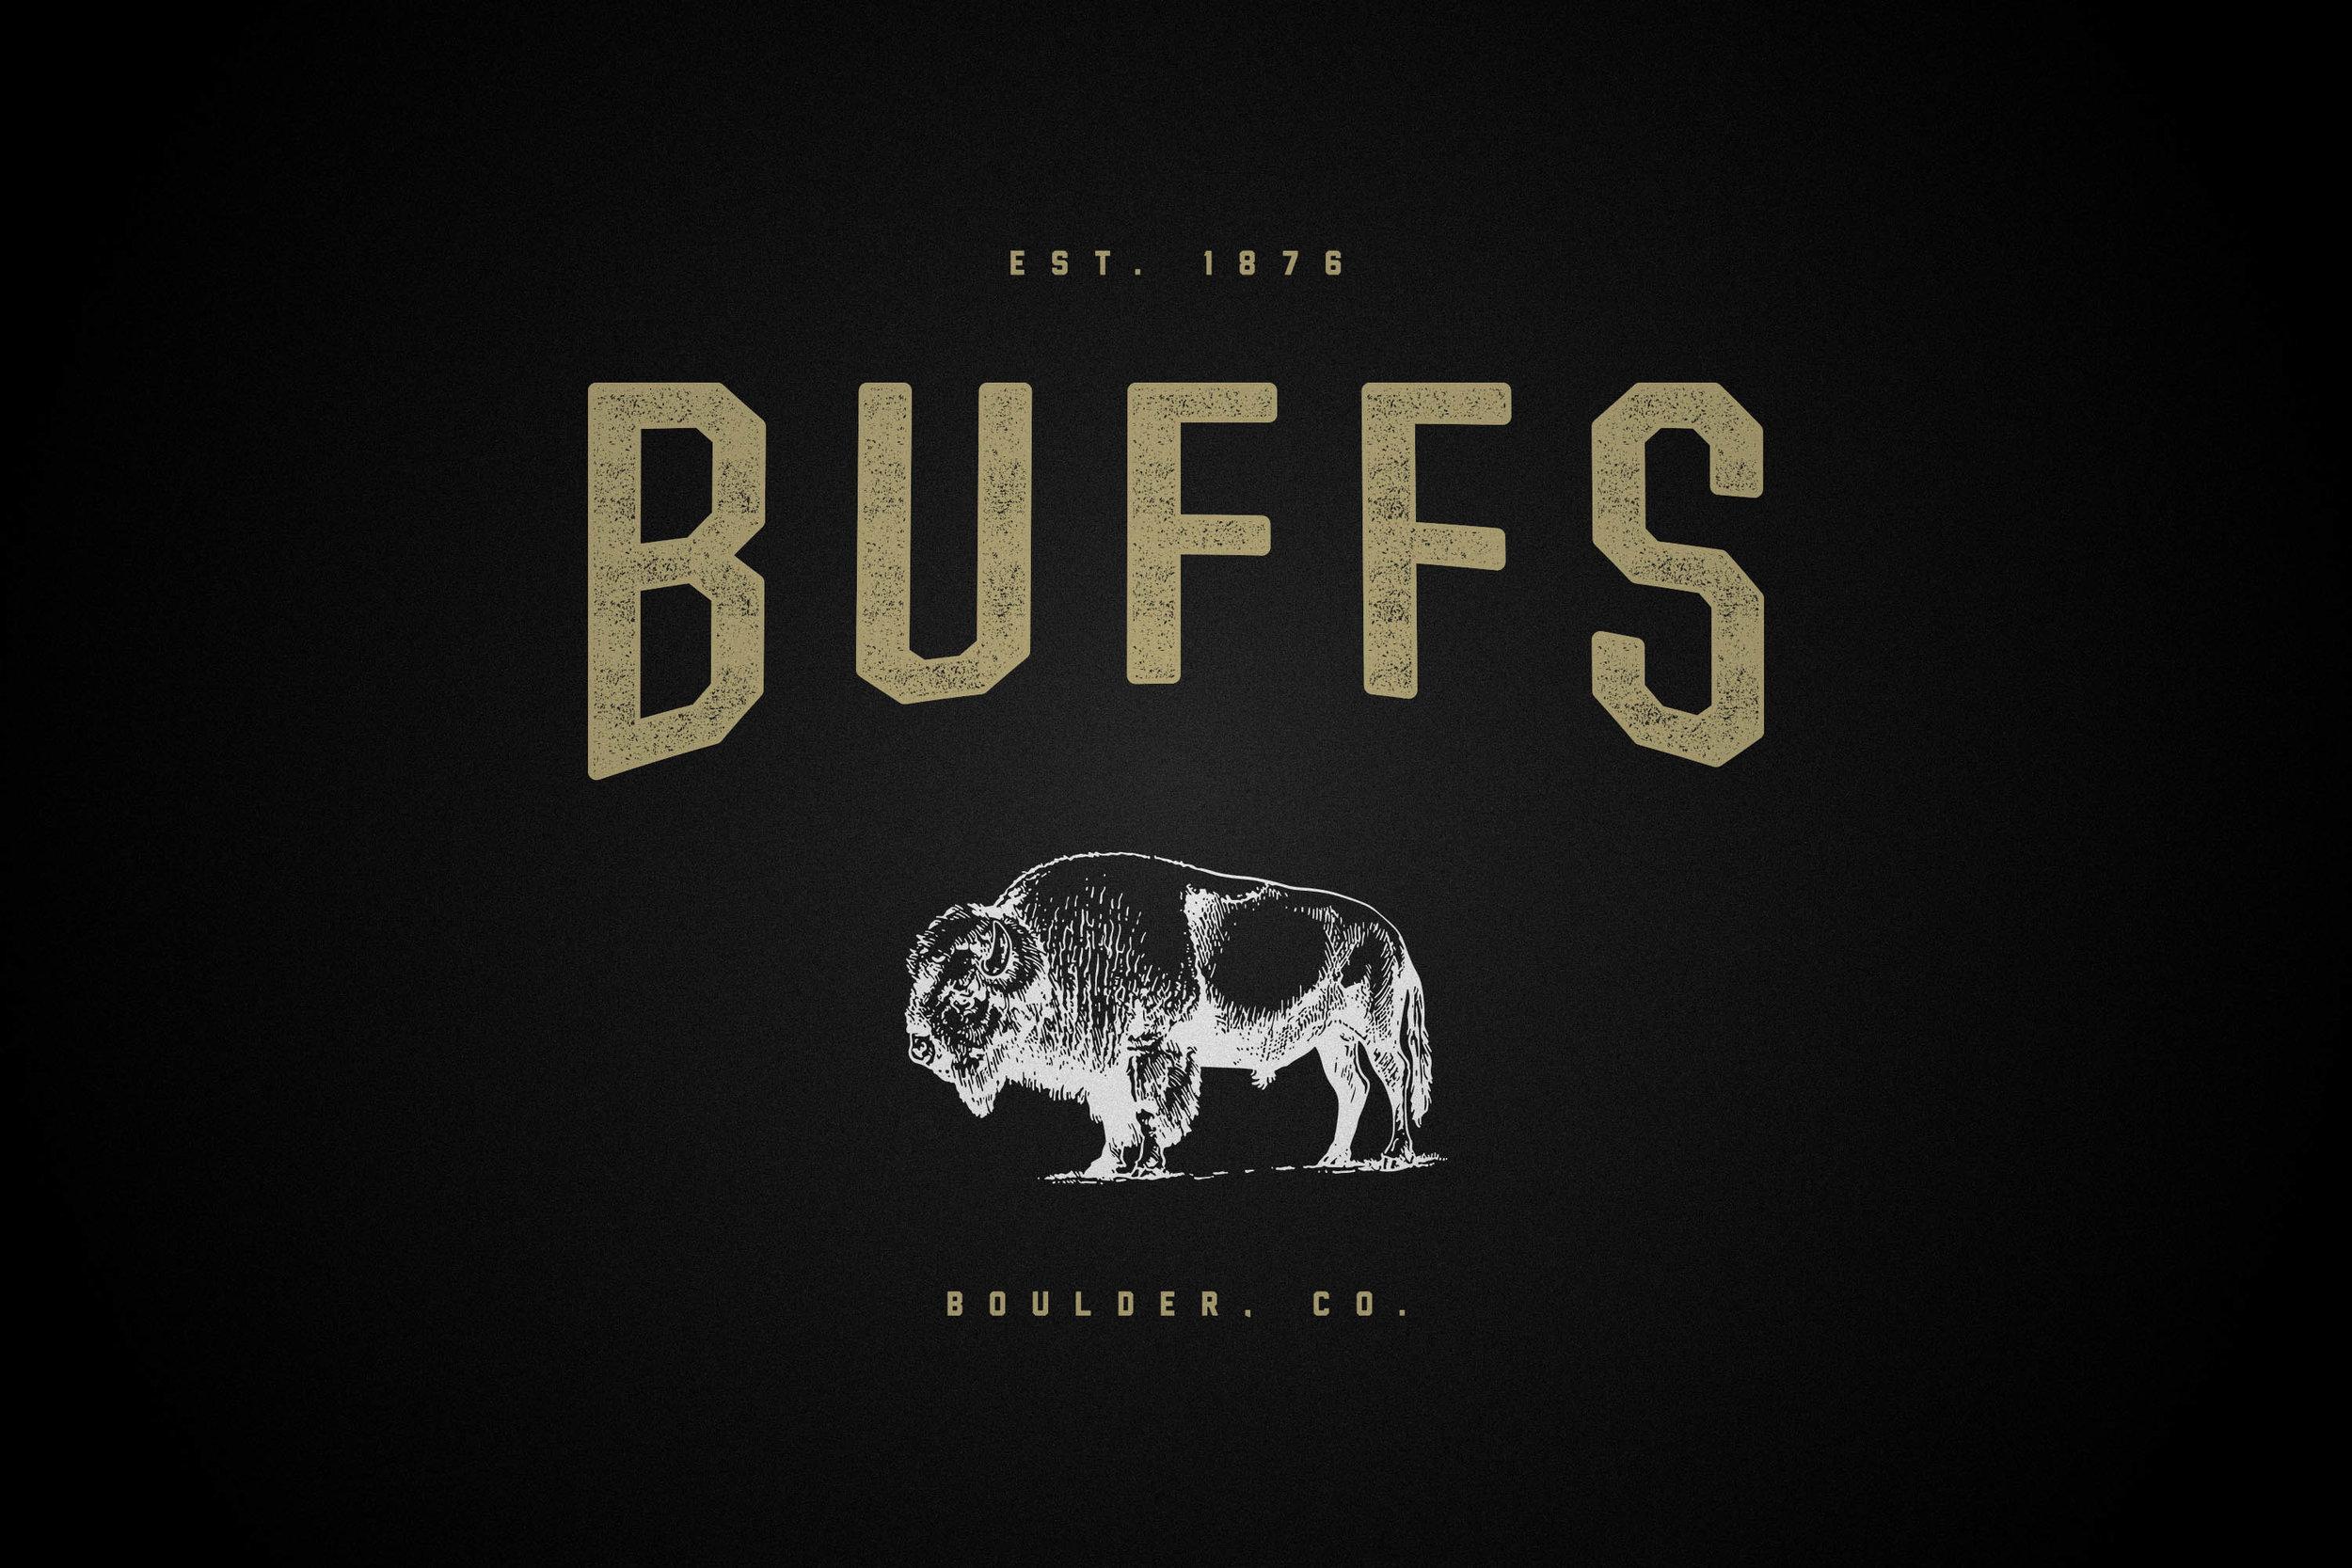 ronaldvillegas-illustration-ocjapparel-coloradobuffaloes-buffs.jpg